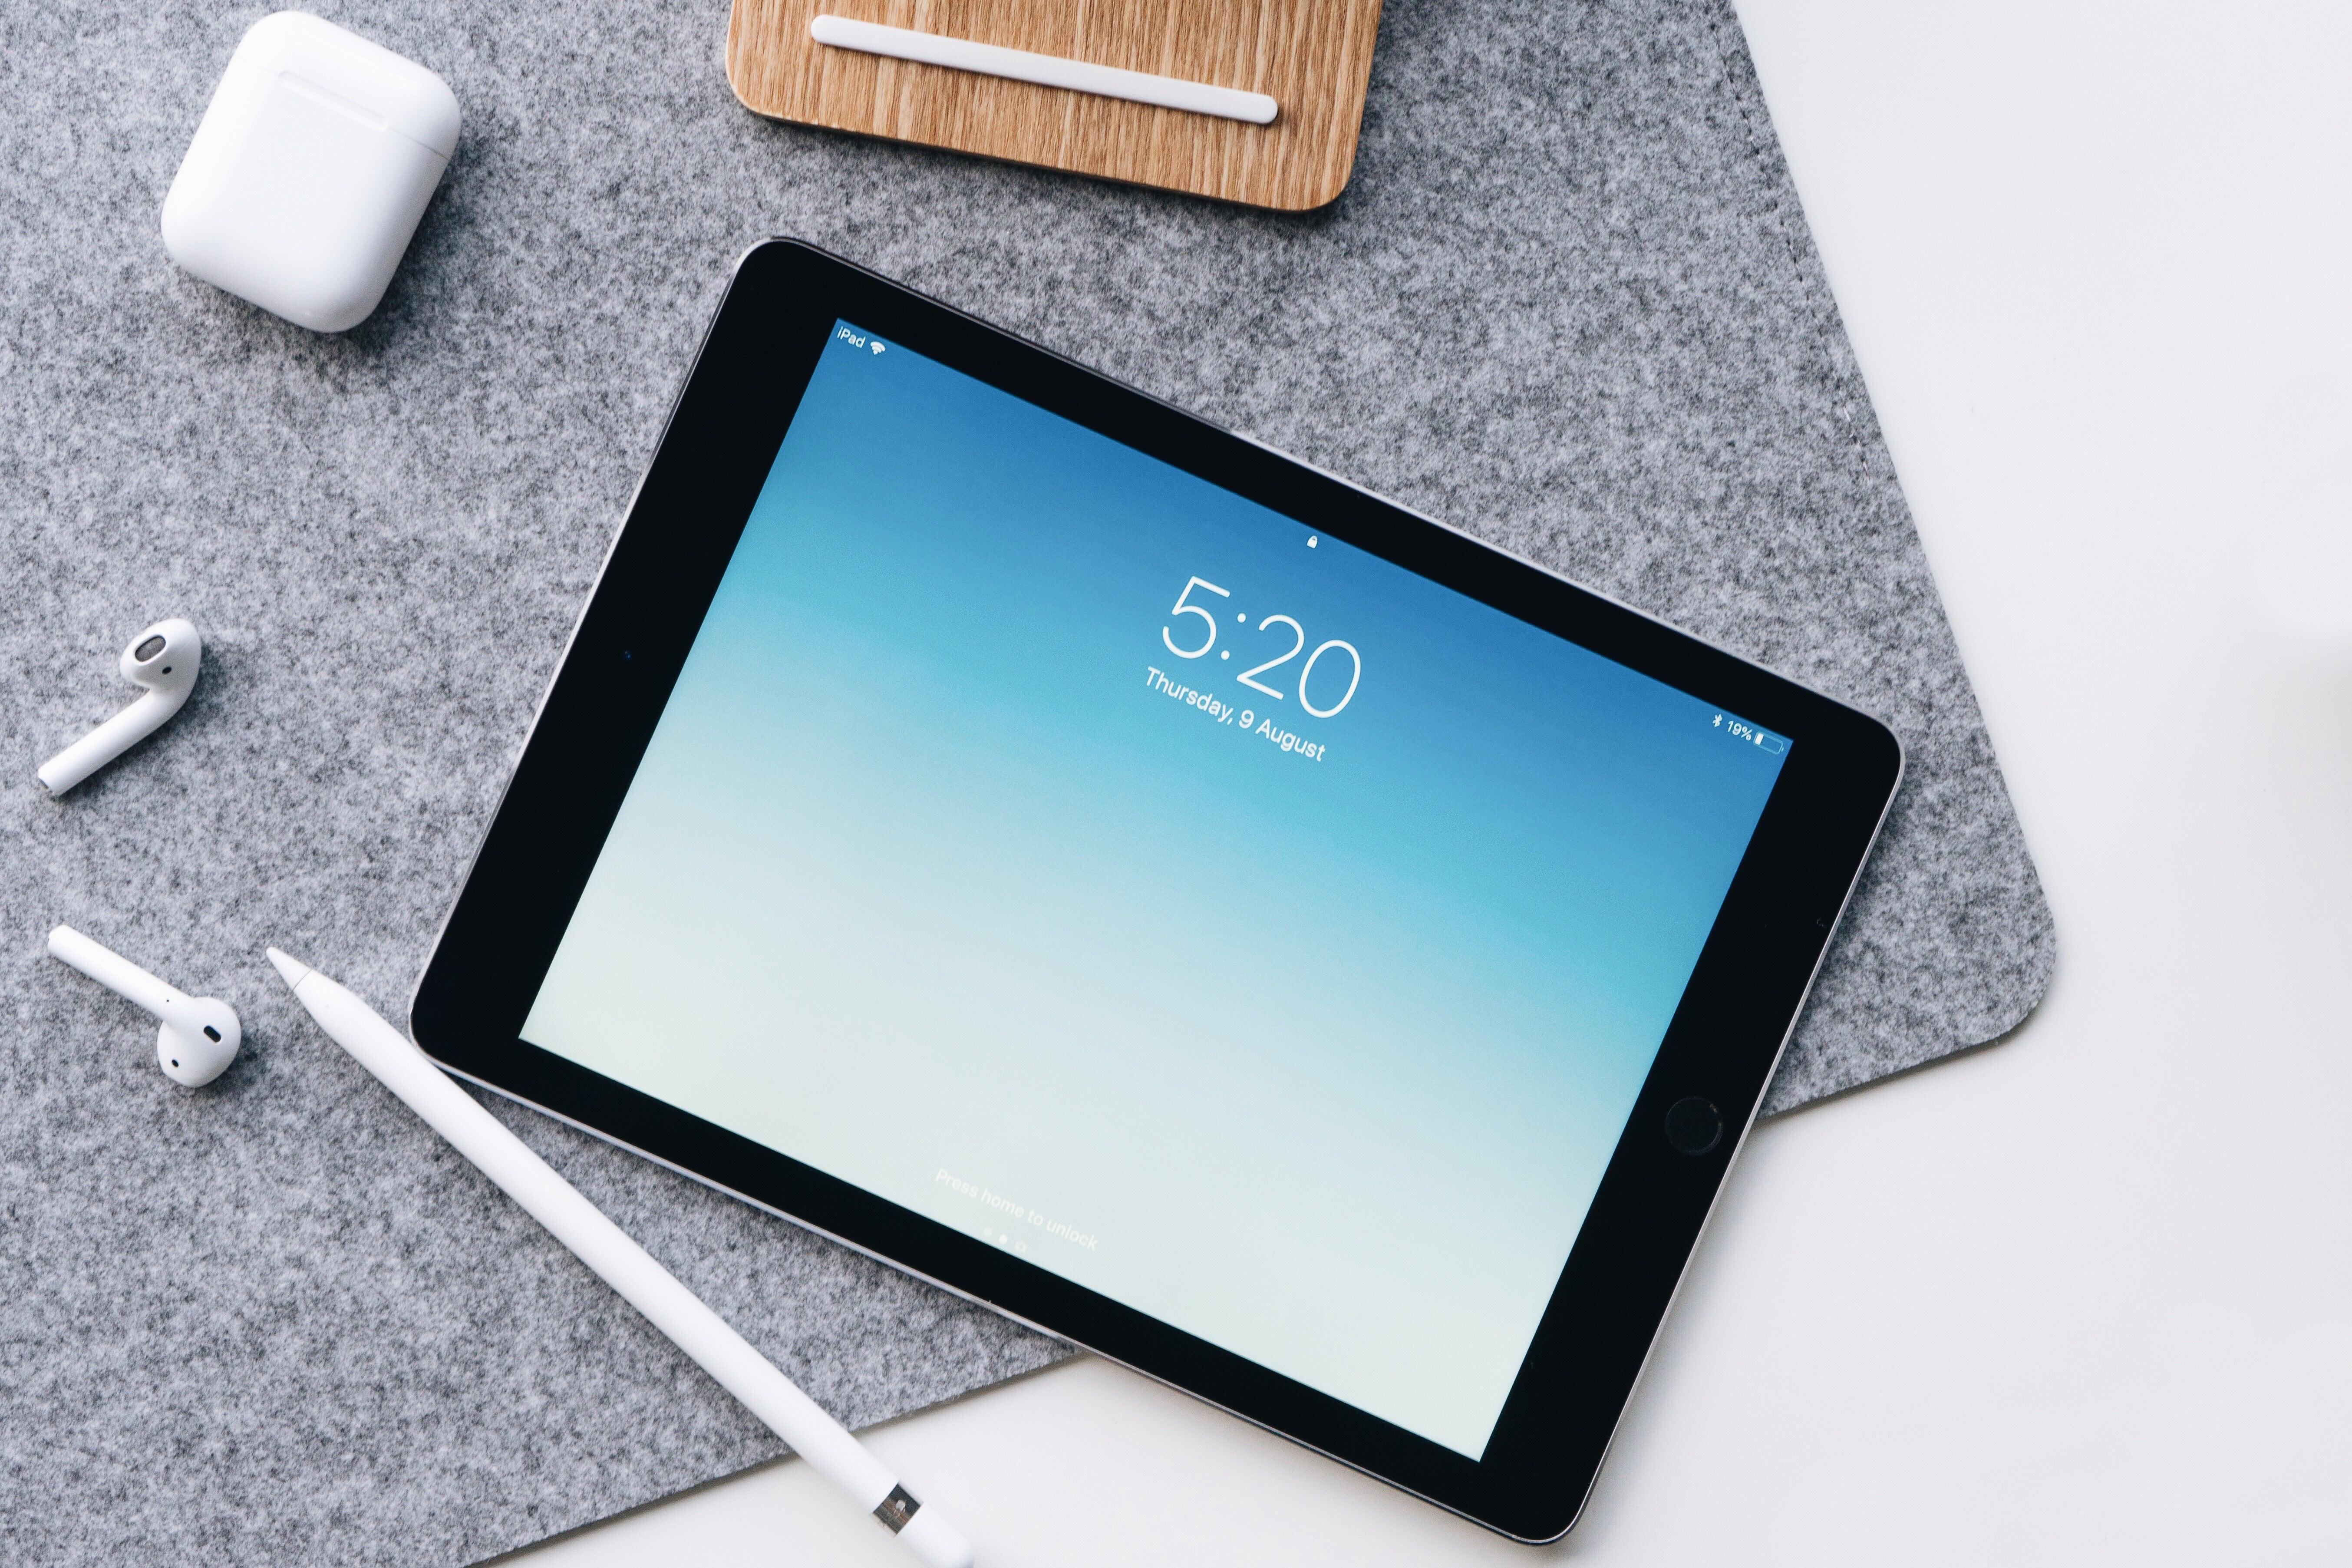 Doczekaliśmy się: iPad wkrótce dostanie pełną wersję Adobe Photoshop 24